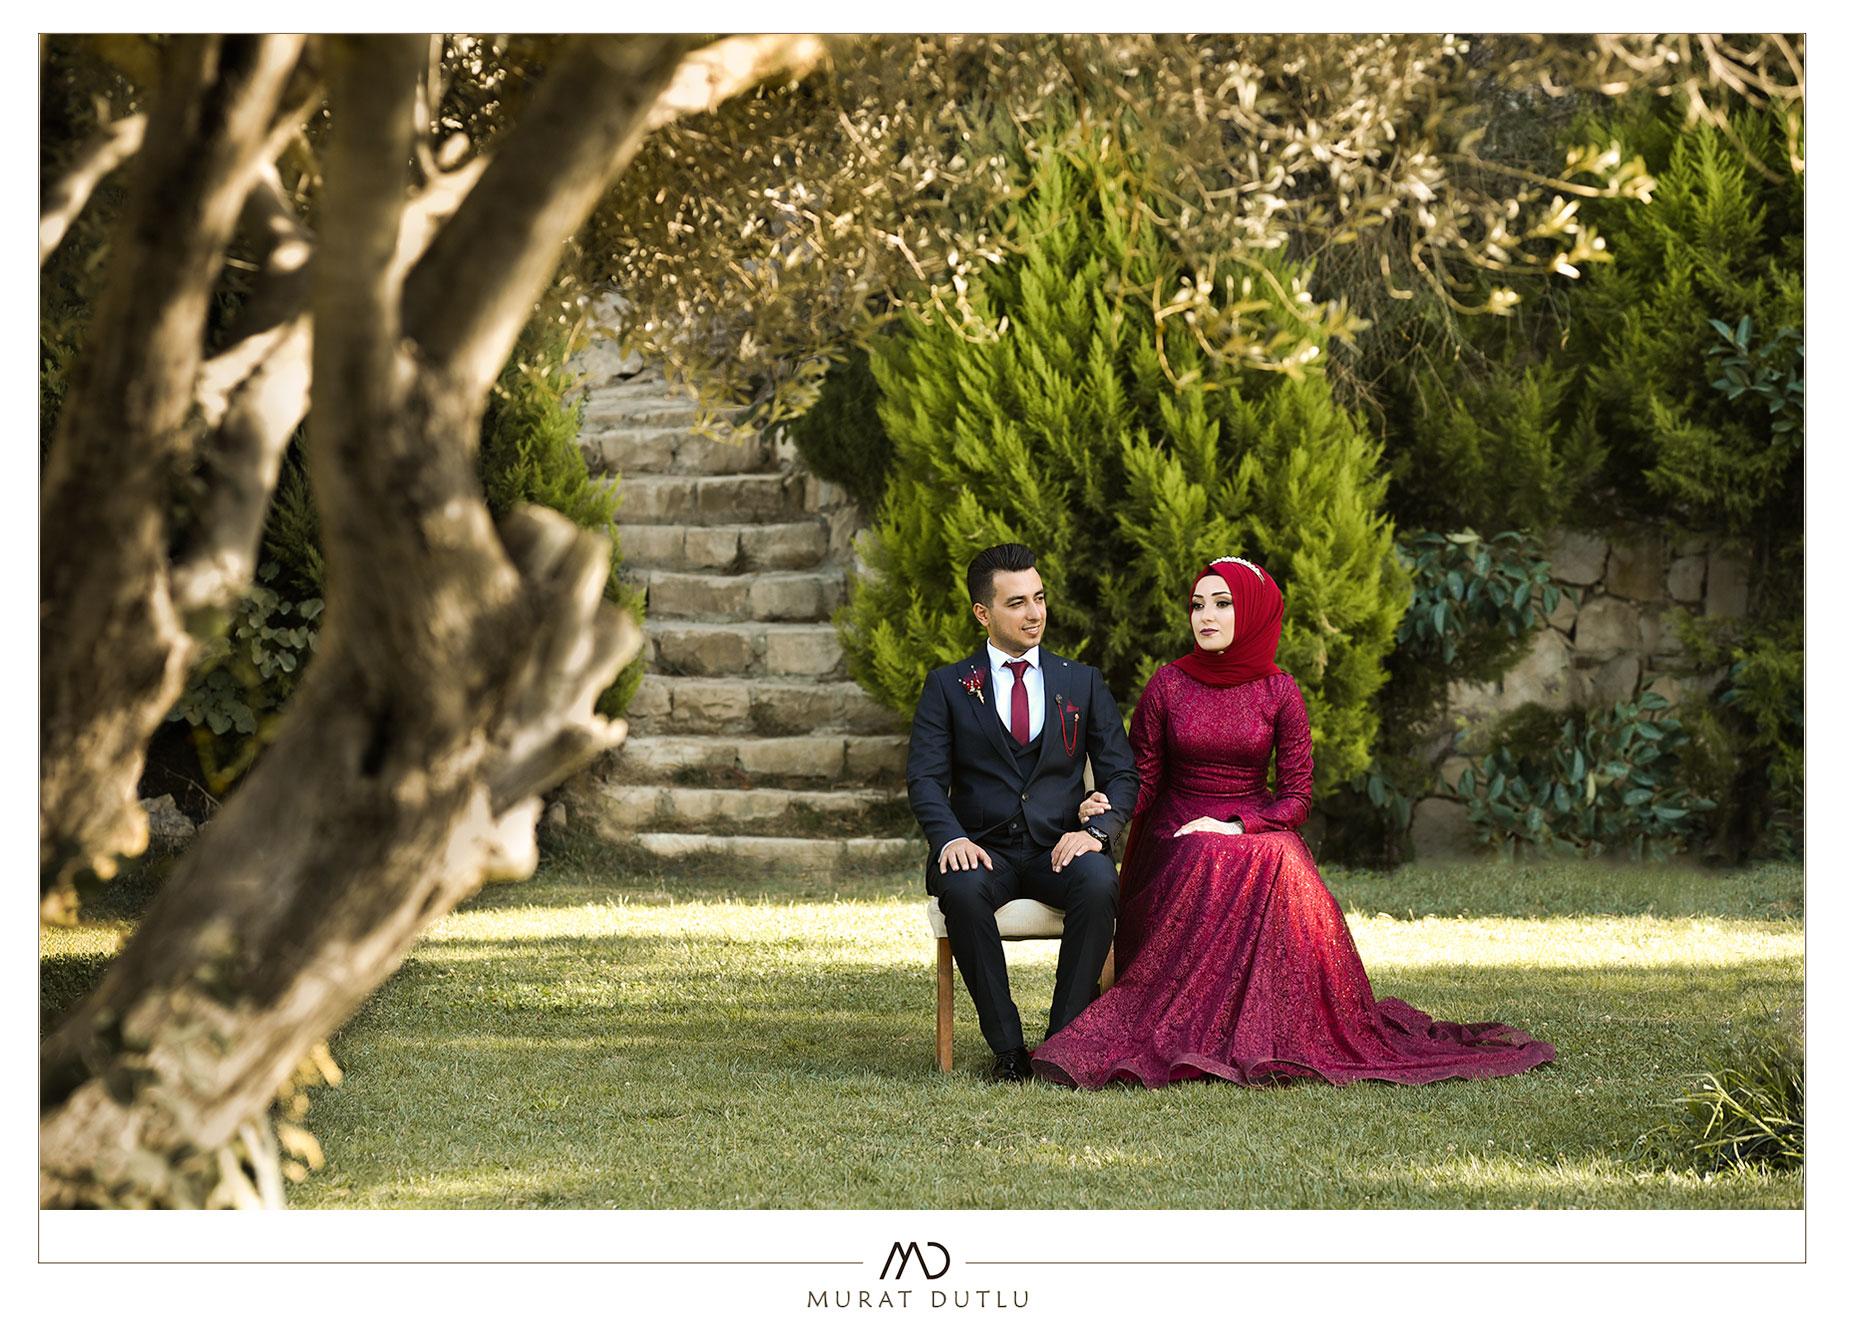 izmirdugunfotograflari-muratdutlu-weddingphotography